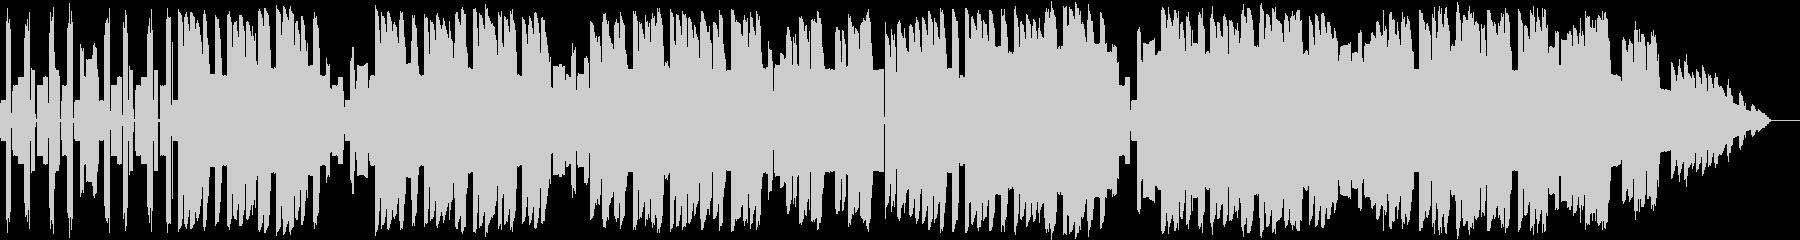 初期のファミコン風な明るめのループBGMの未再生の波形